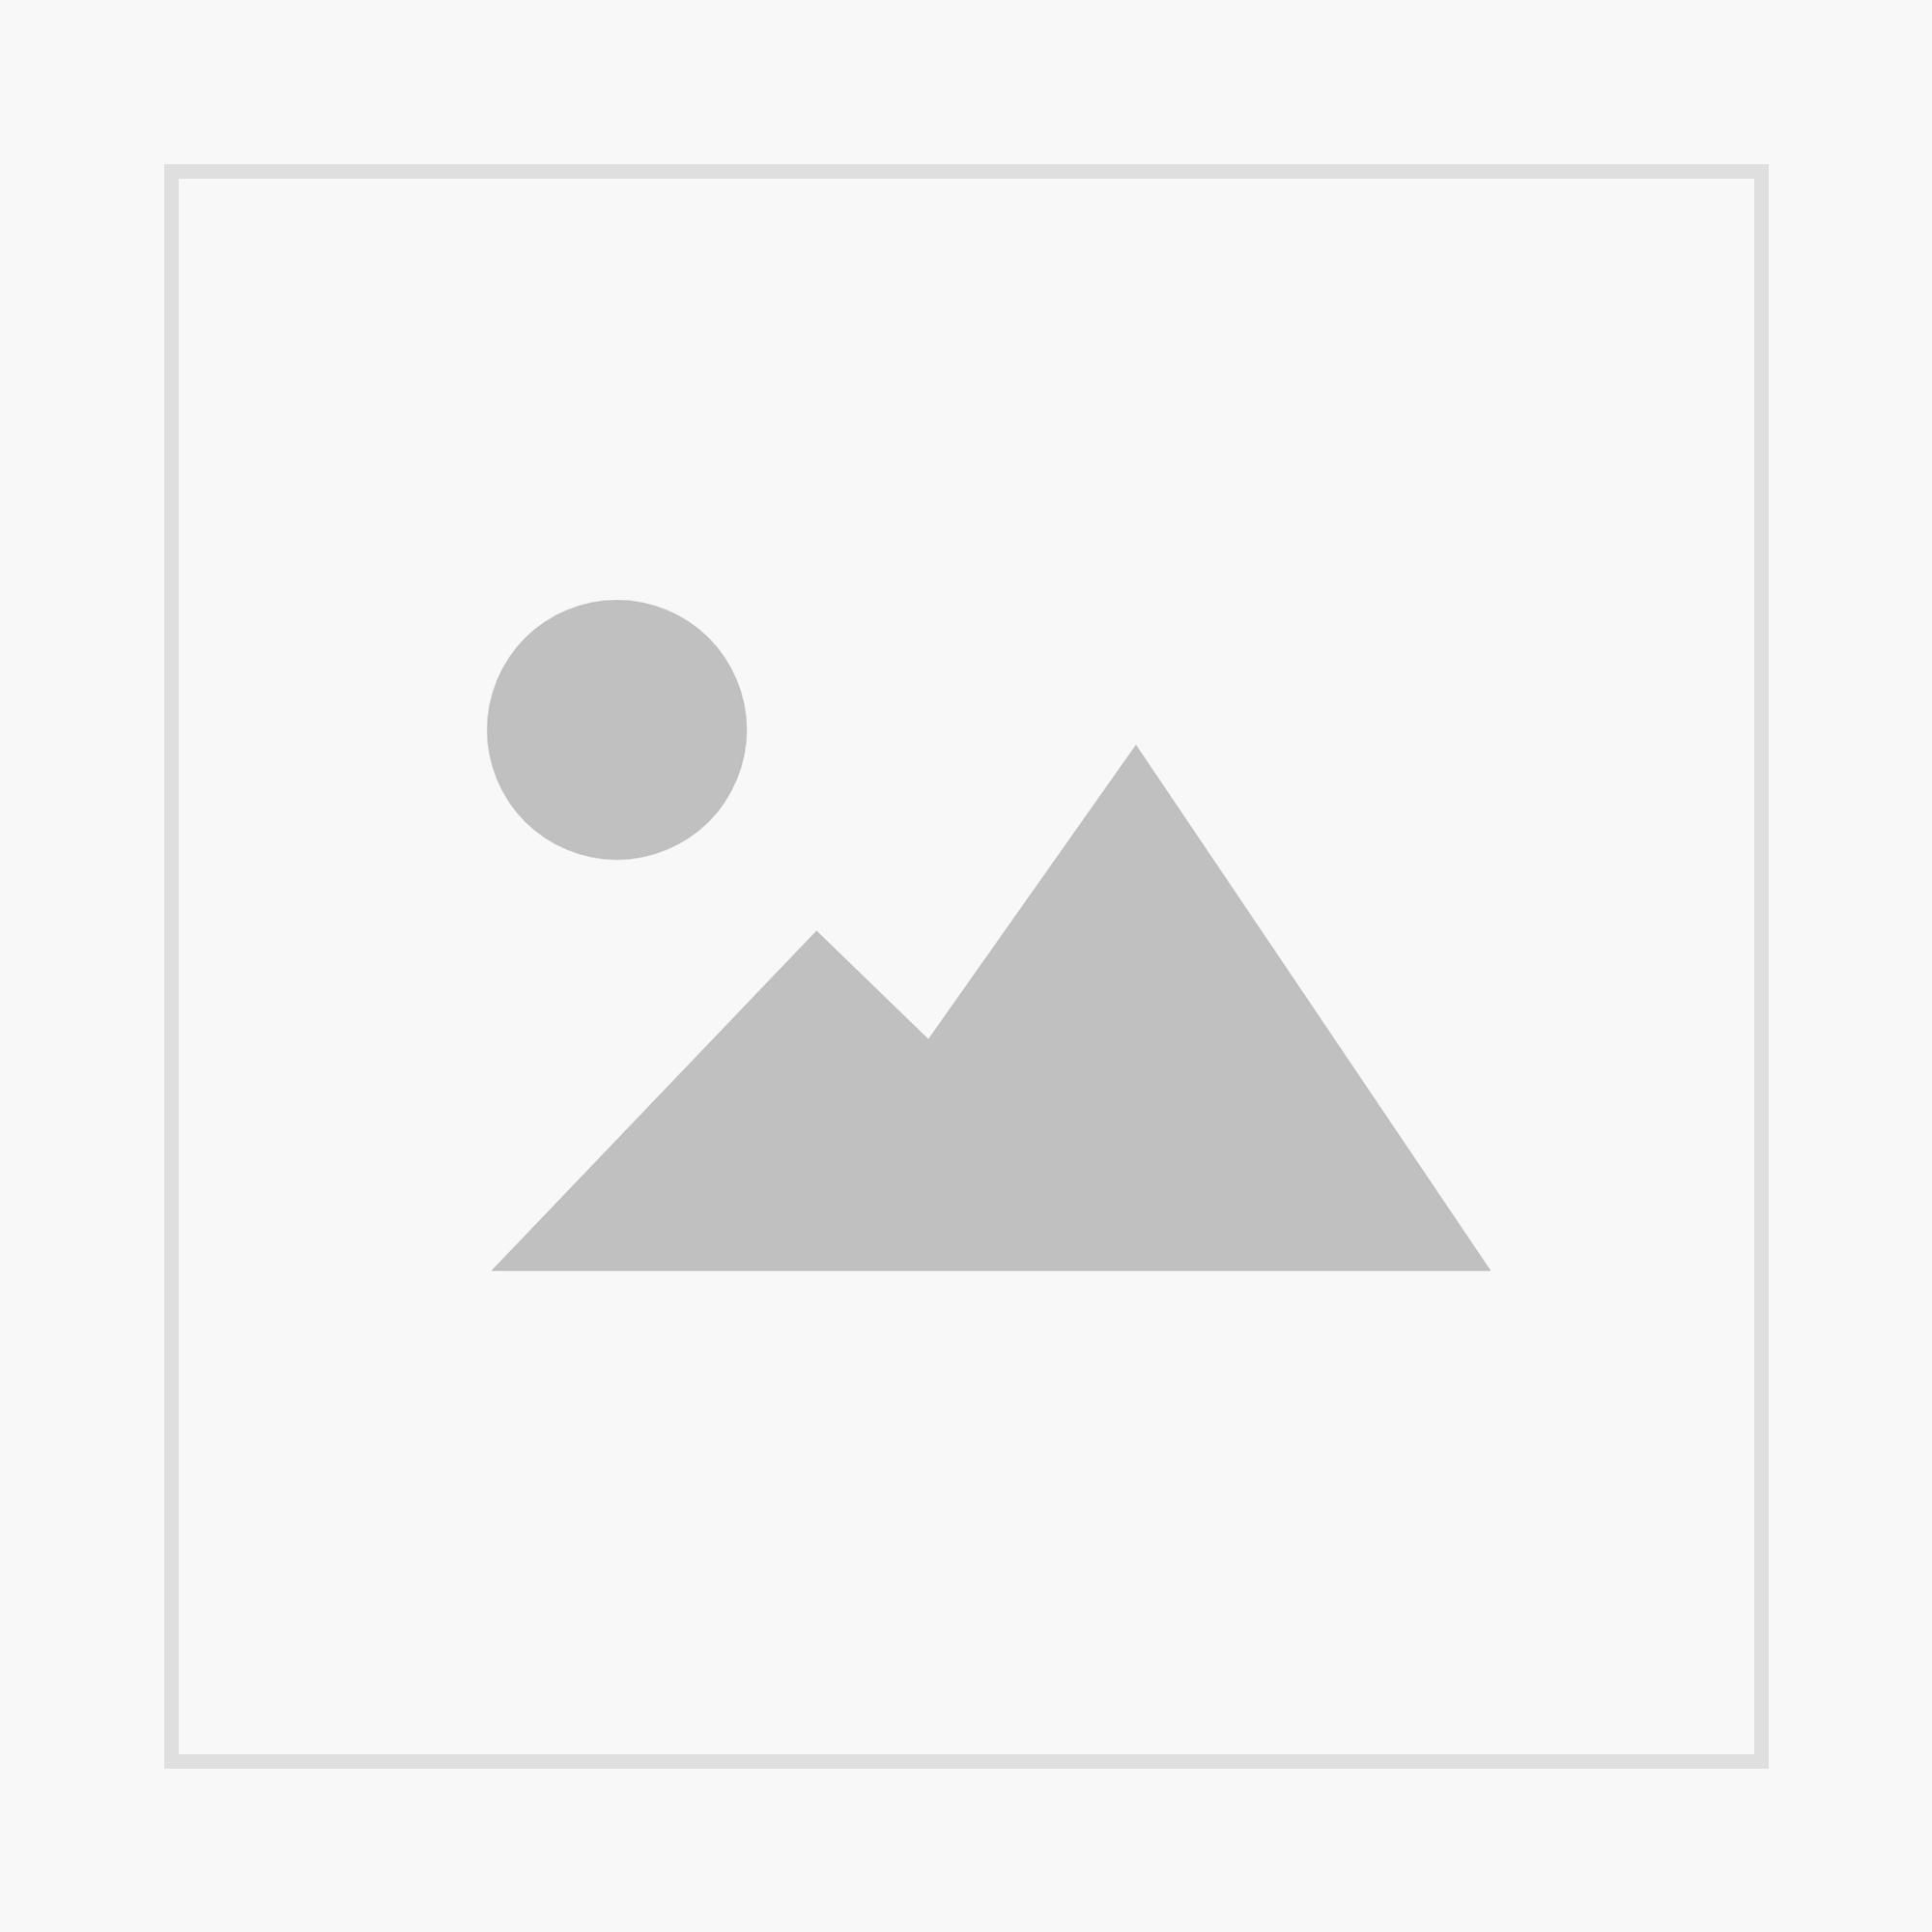 ALÖ Heft 34: Innovativer Naturschutz - Partizipative und marktwirtschaftliche Instrumente